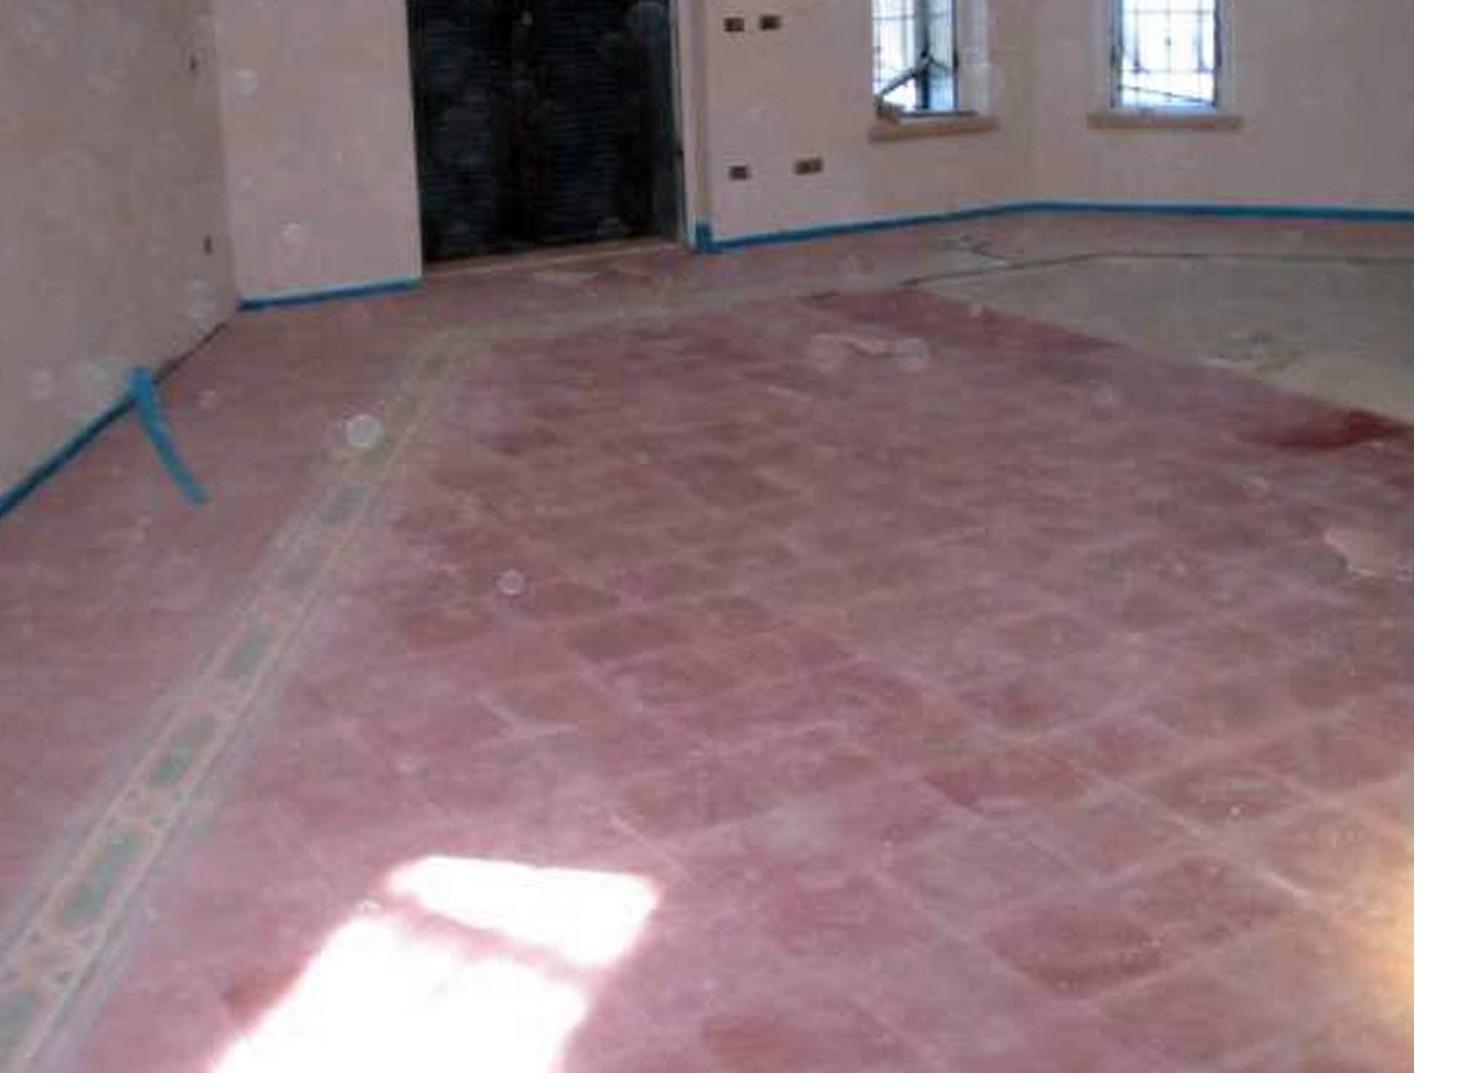 Chi paga riparazione di un pavimento della casa tra inquilino e proprietario